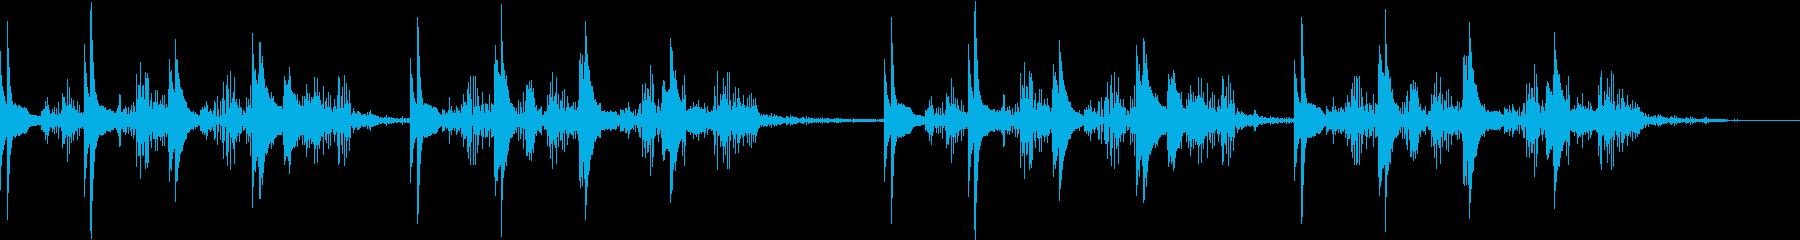 ガラス玉とピアノのBGMです。の再生済みの波形